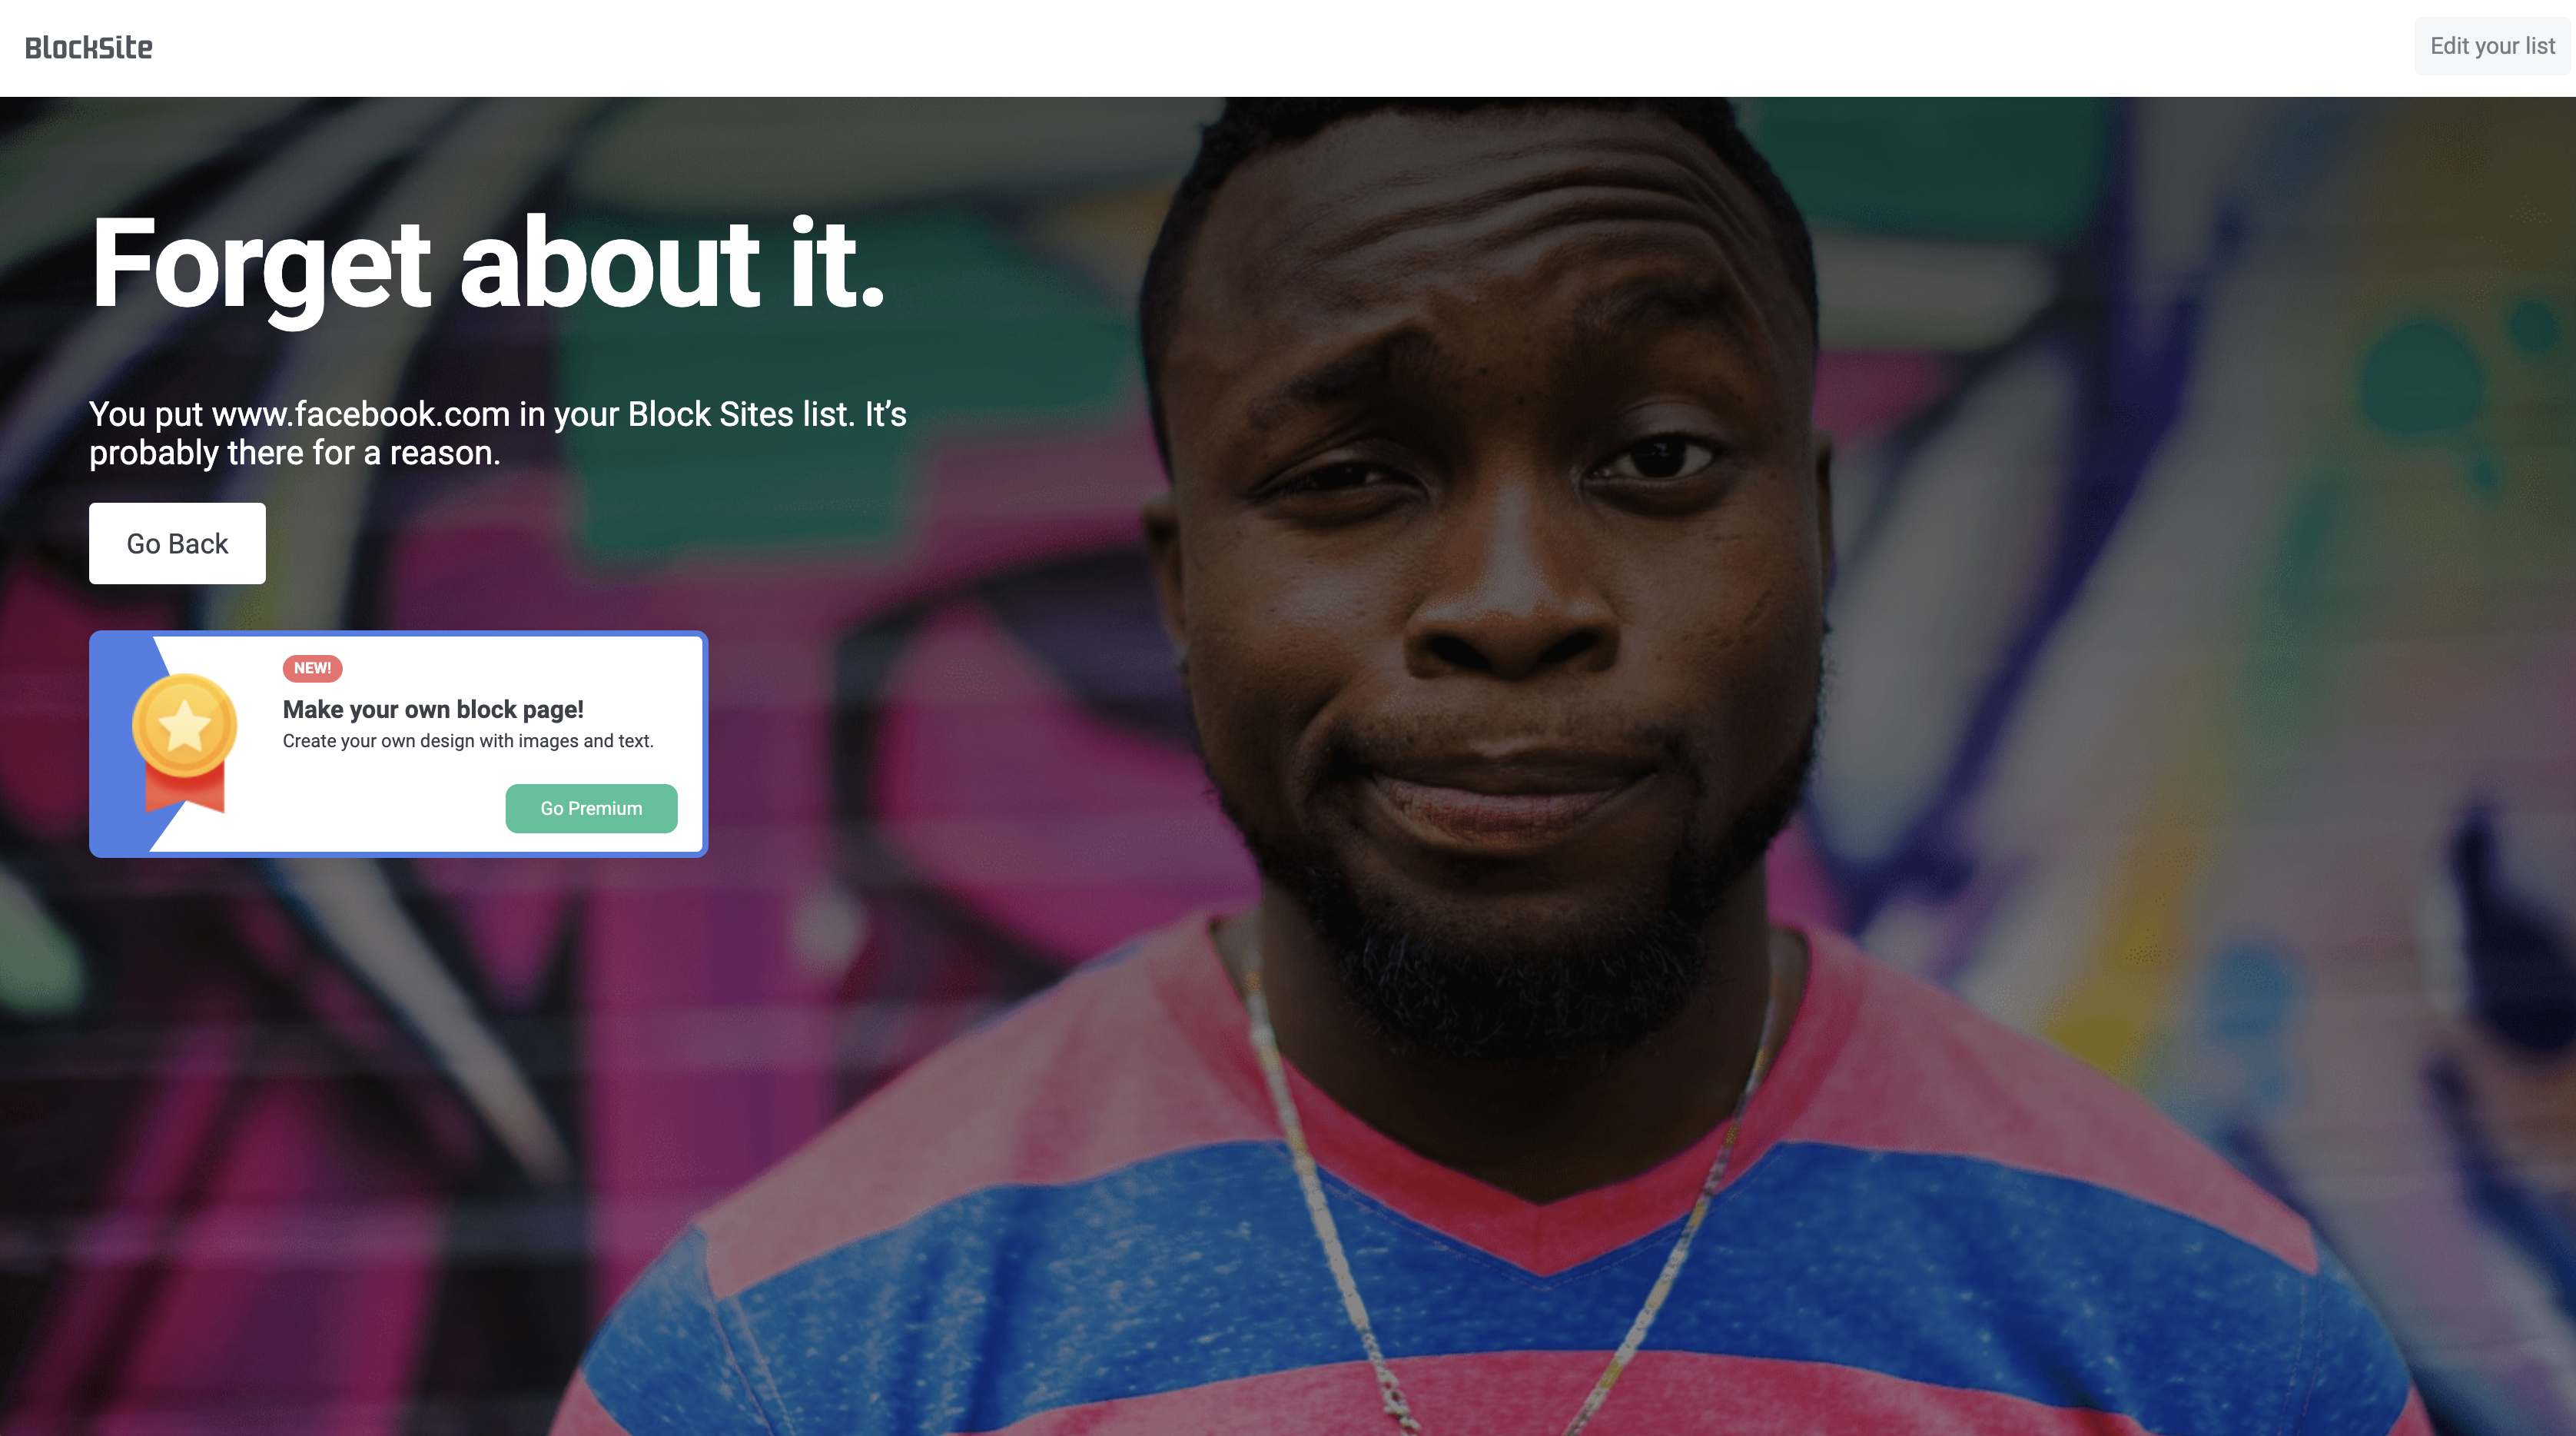 Website blocking message